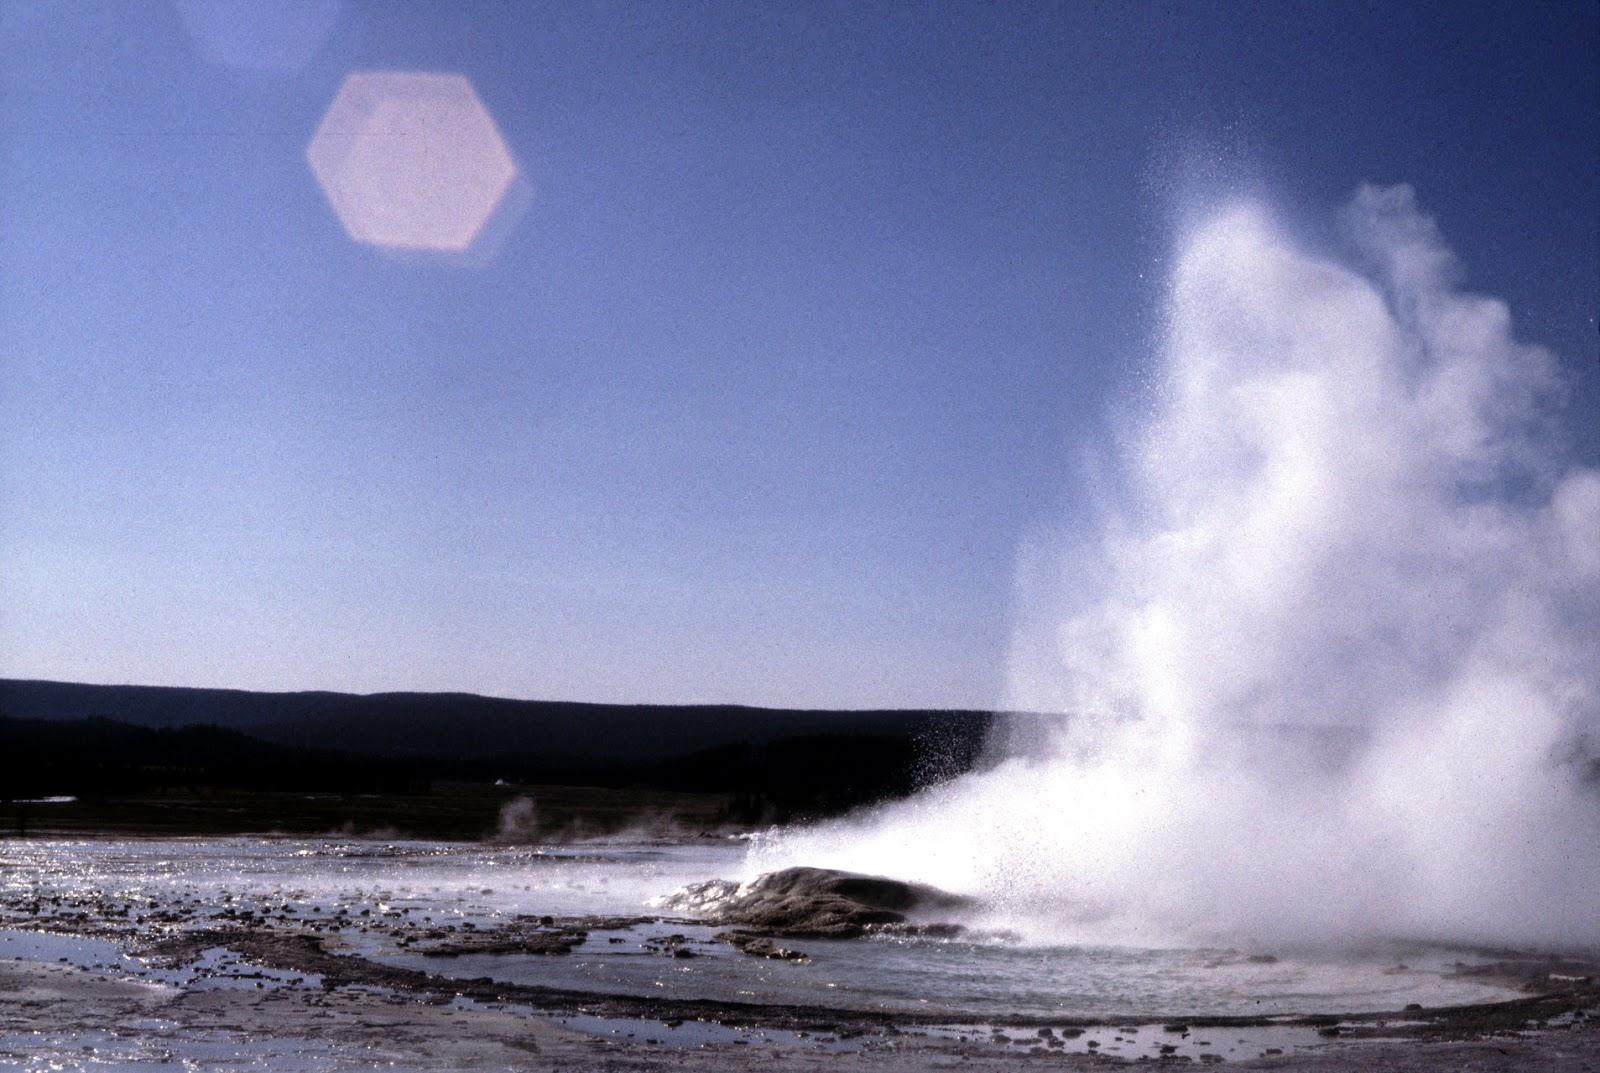 Little geyser